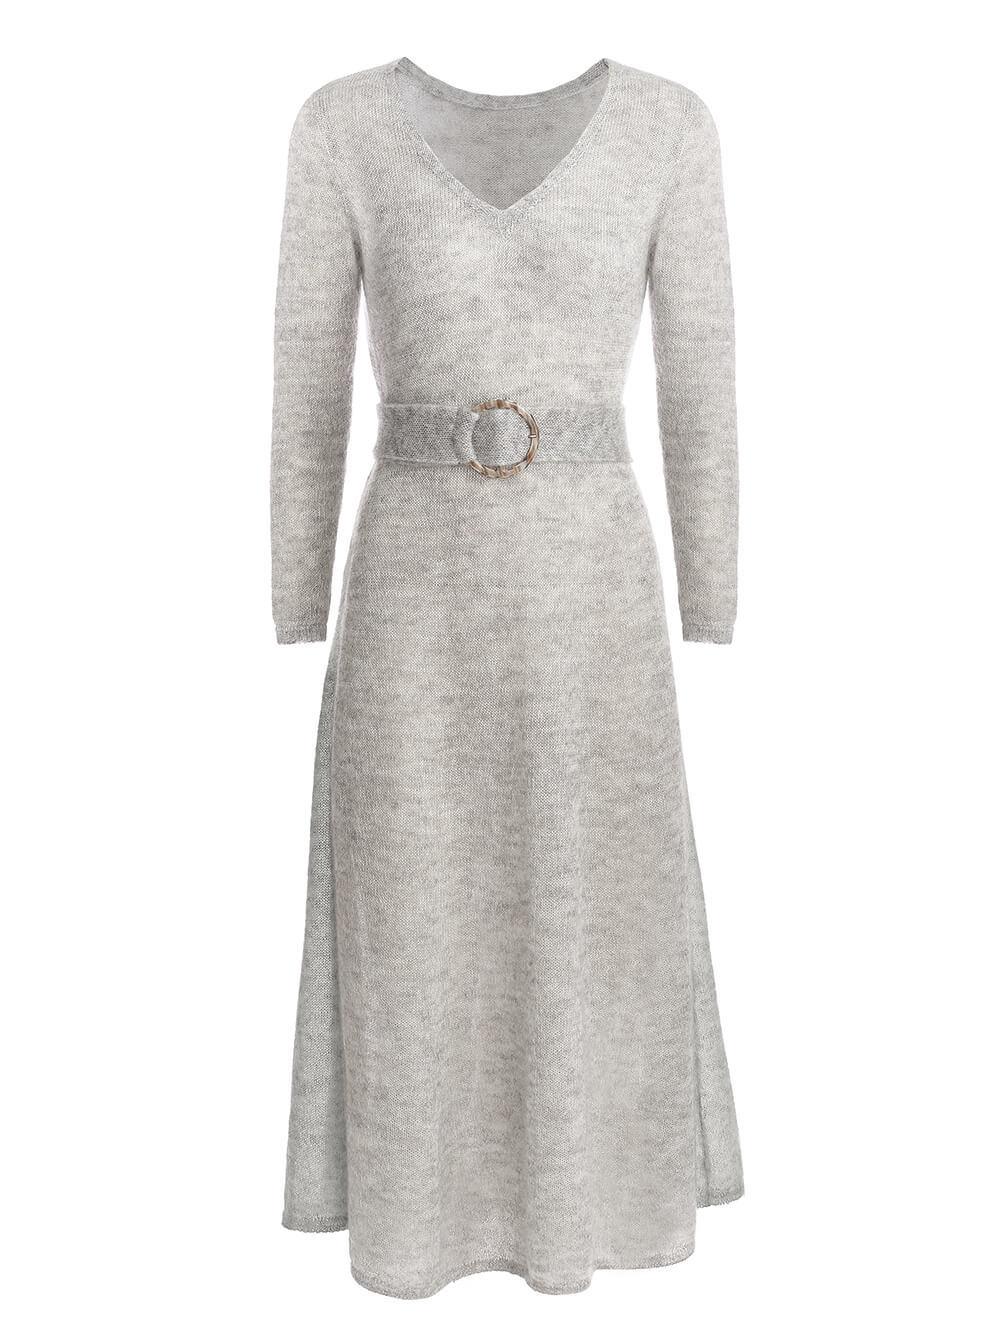 Женское платье светло-серого цвета из мохера - фото 1